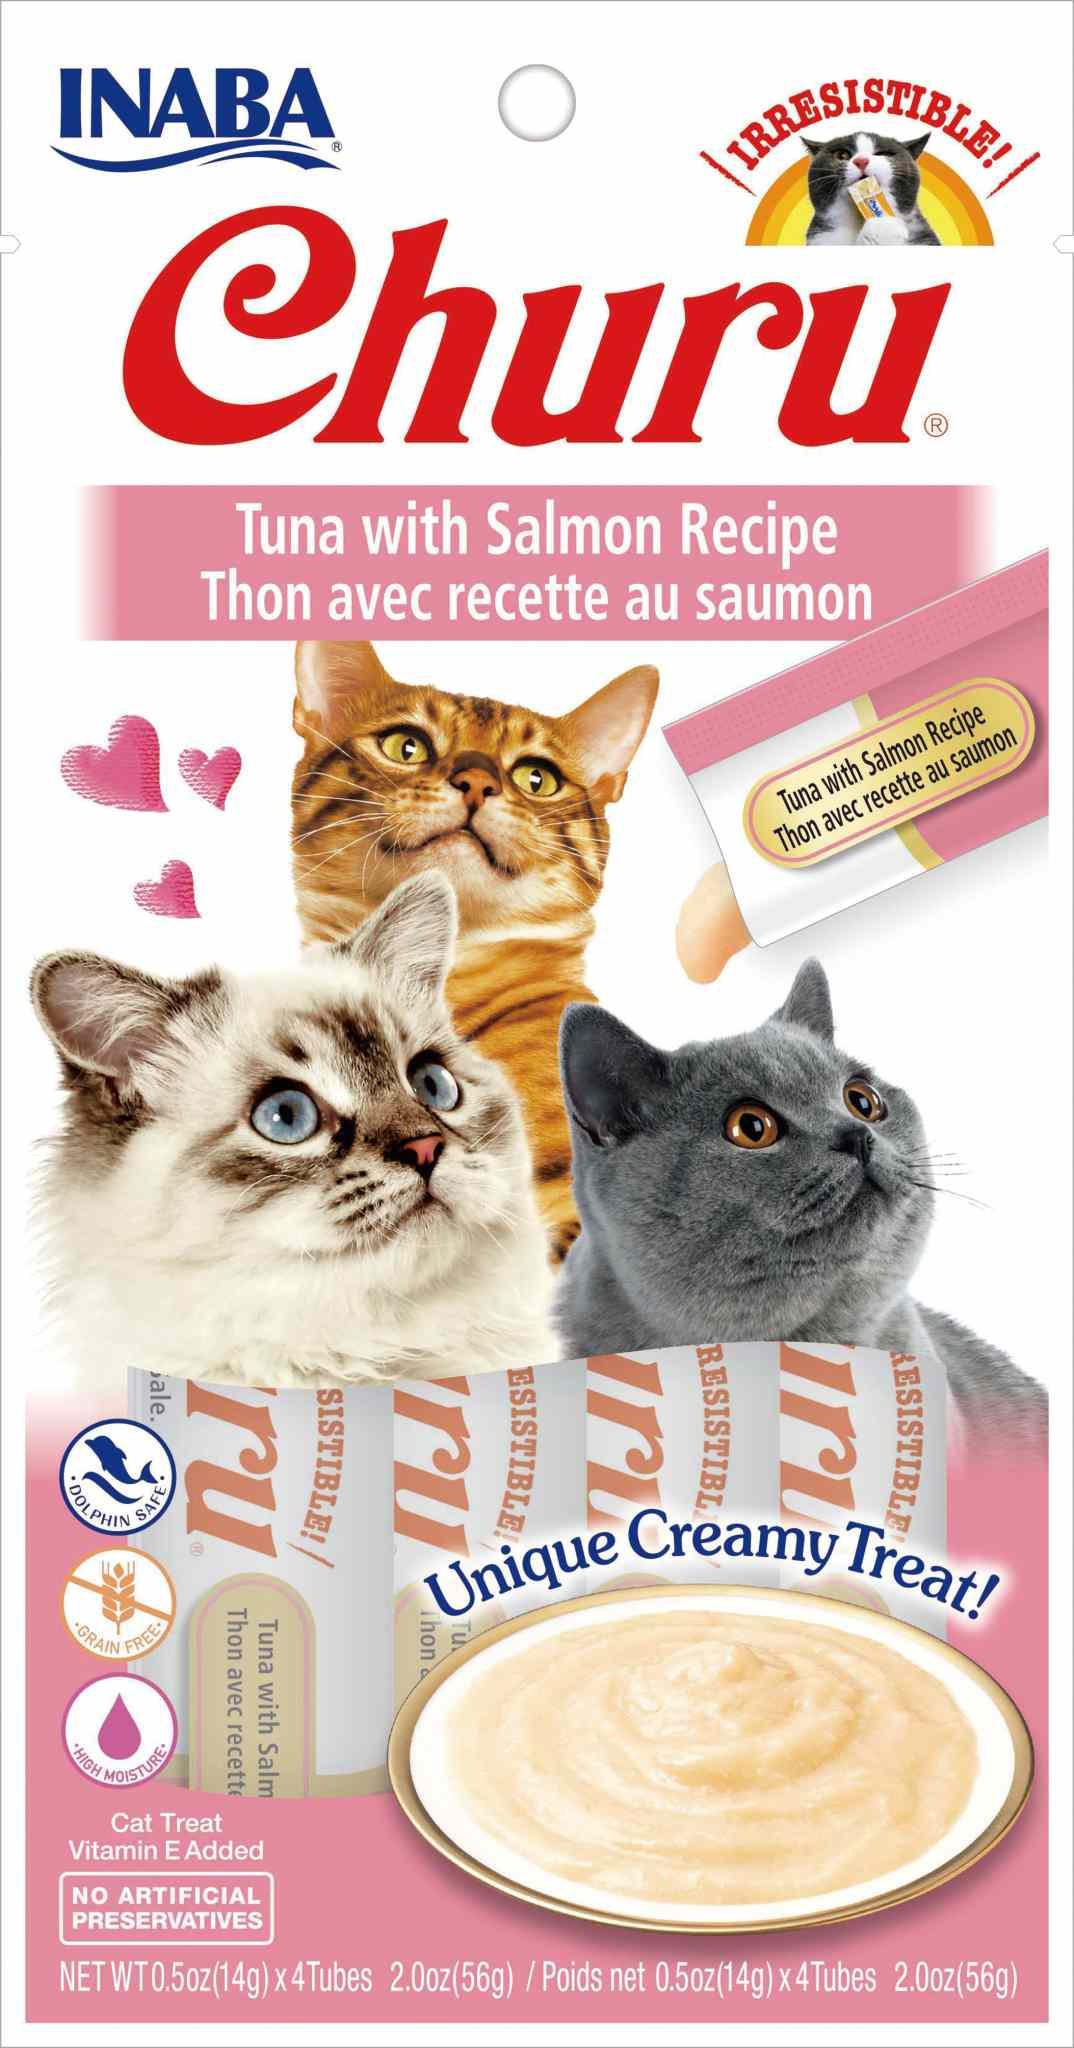 INABA Churu Grain-Free Tuna with Salmon Puree Lickable Cat Treat